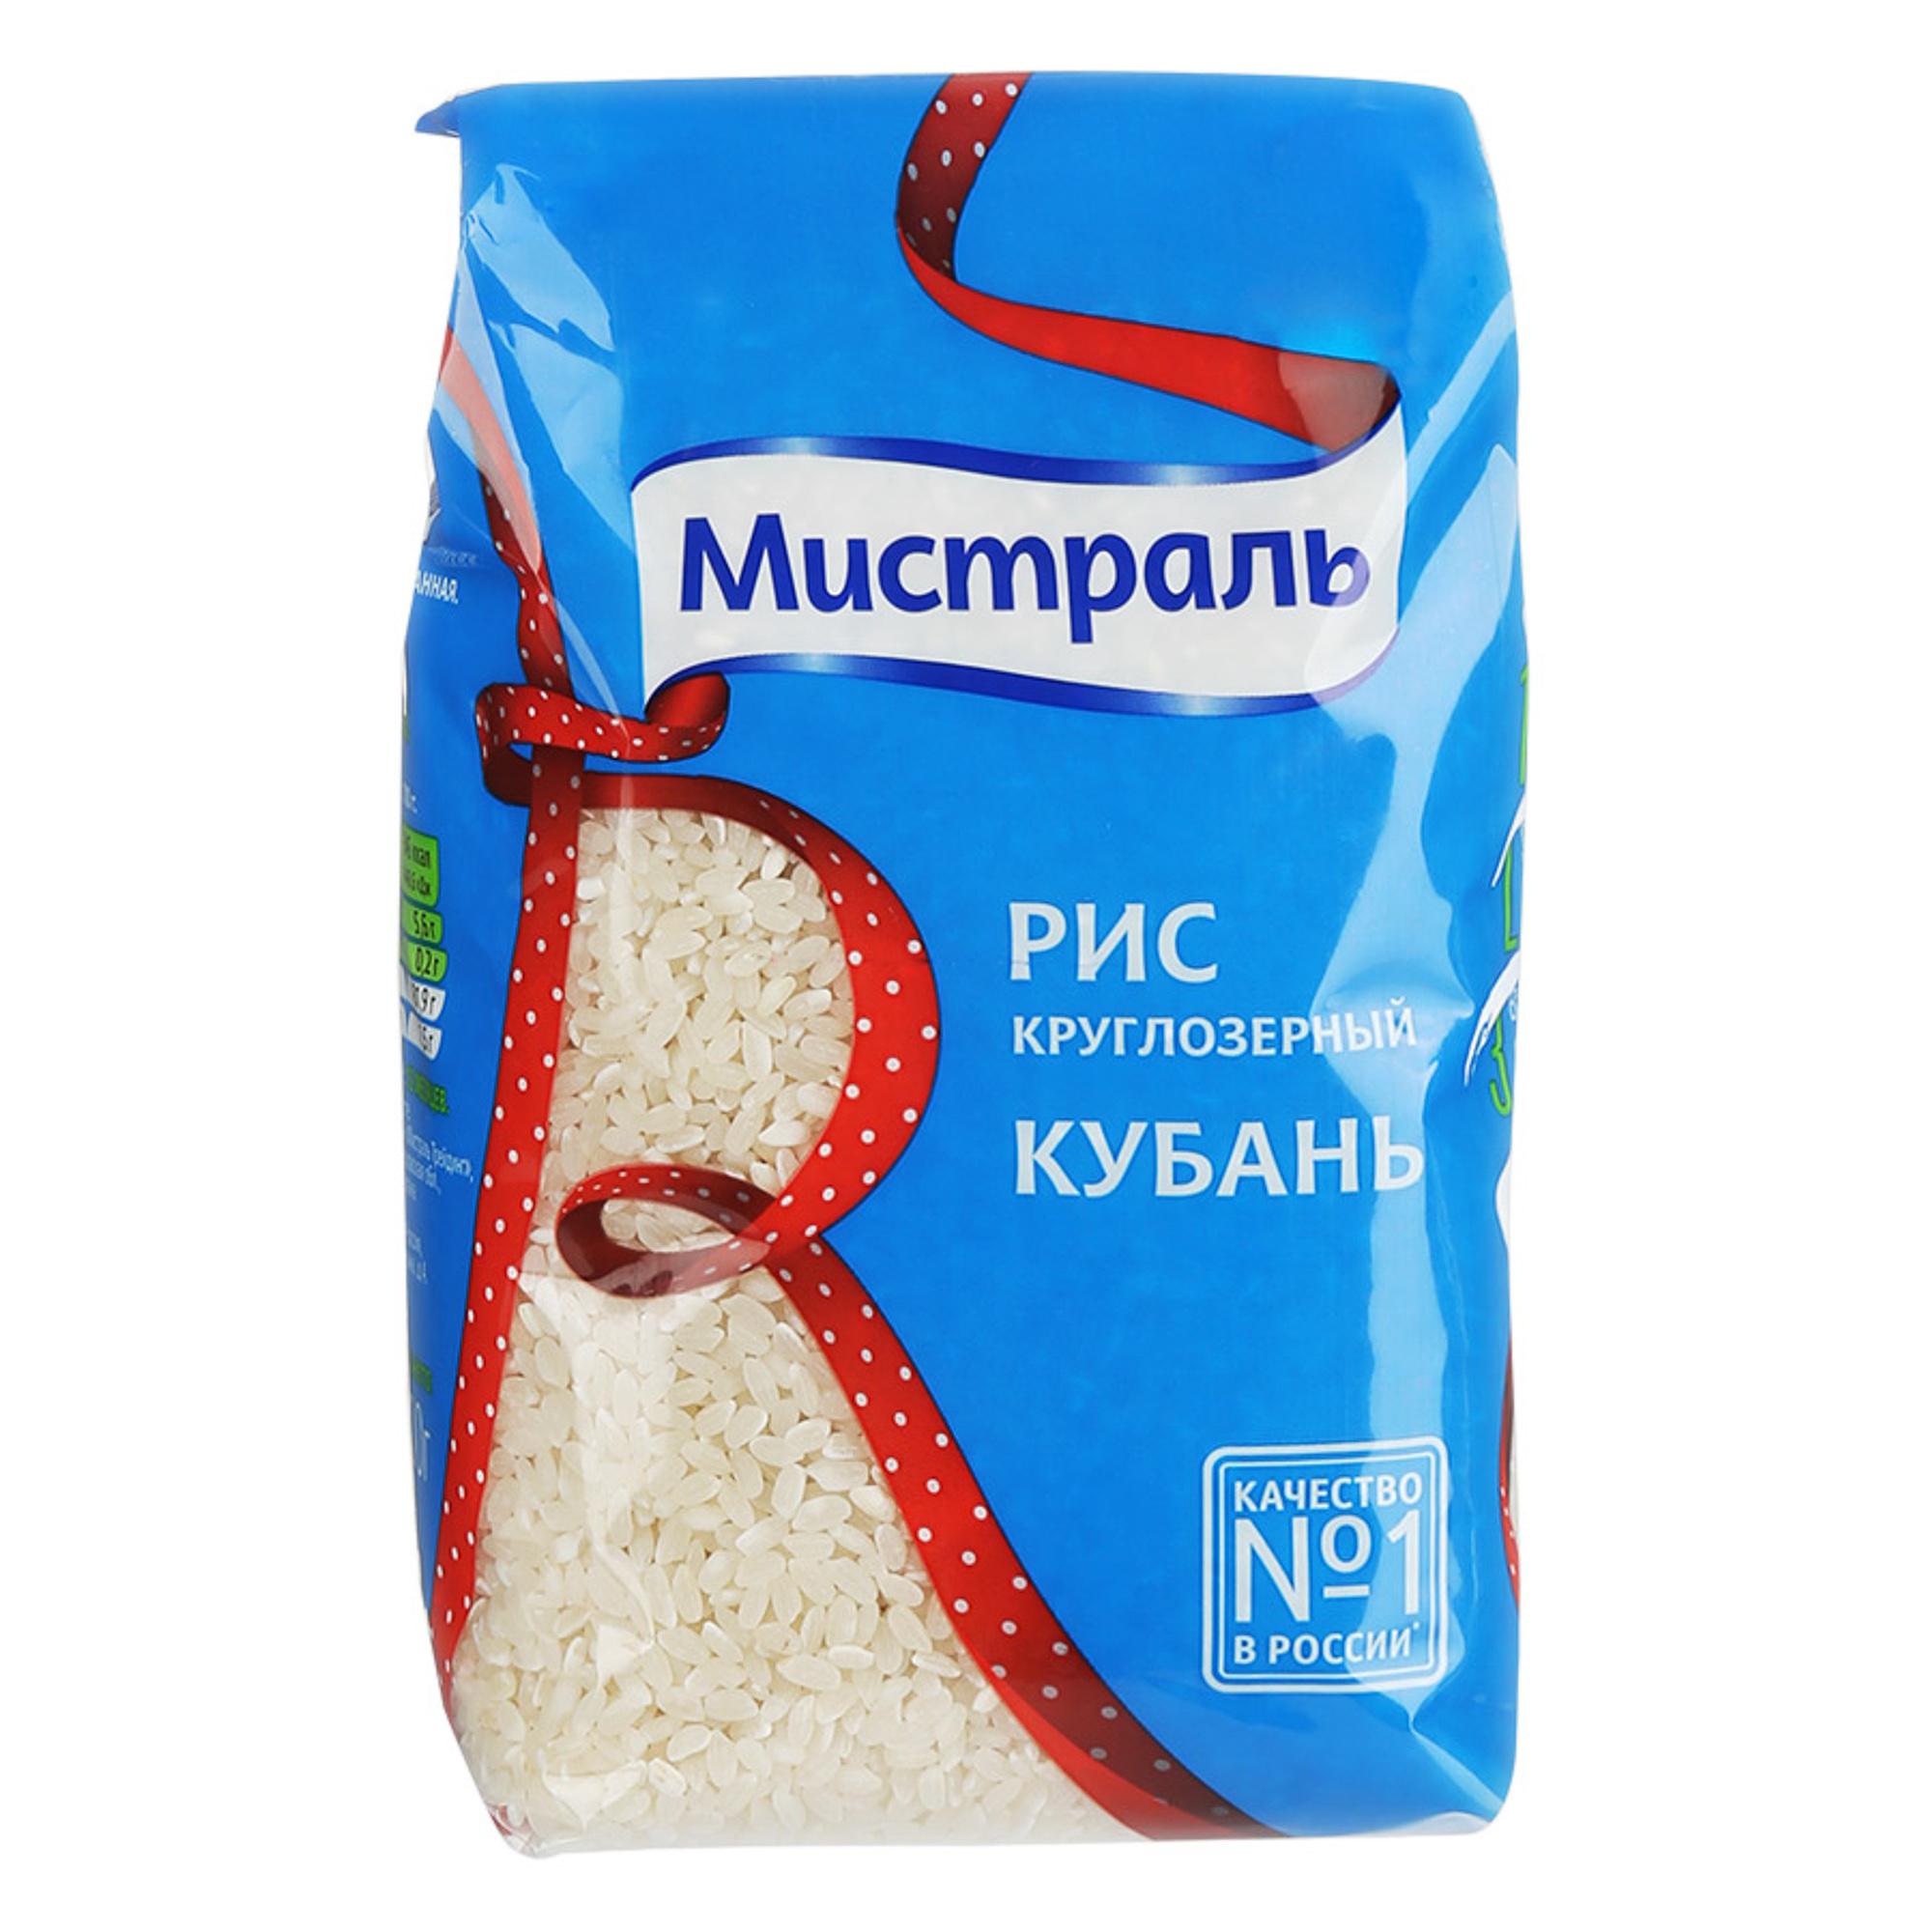 Рис Мистраль Кубань круглозерный 900 г